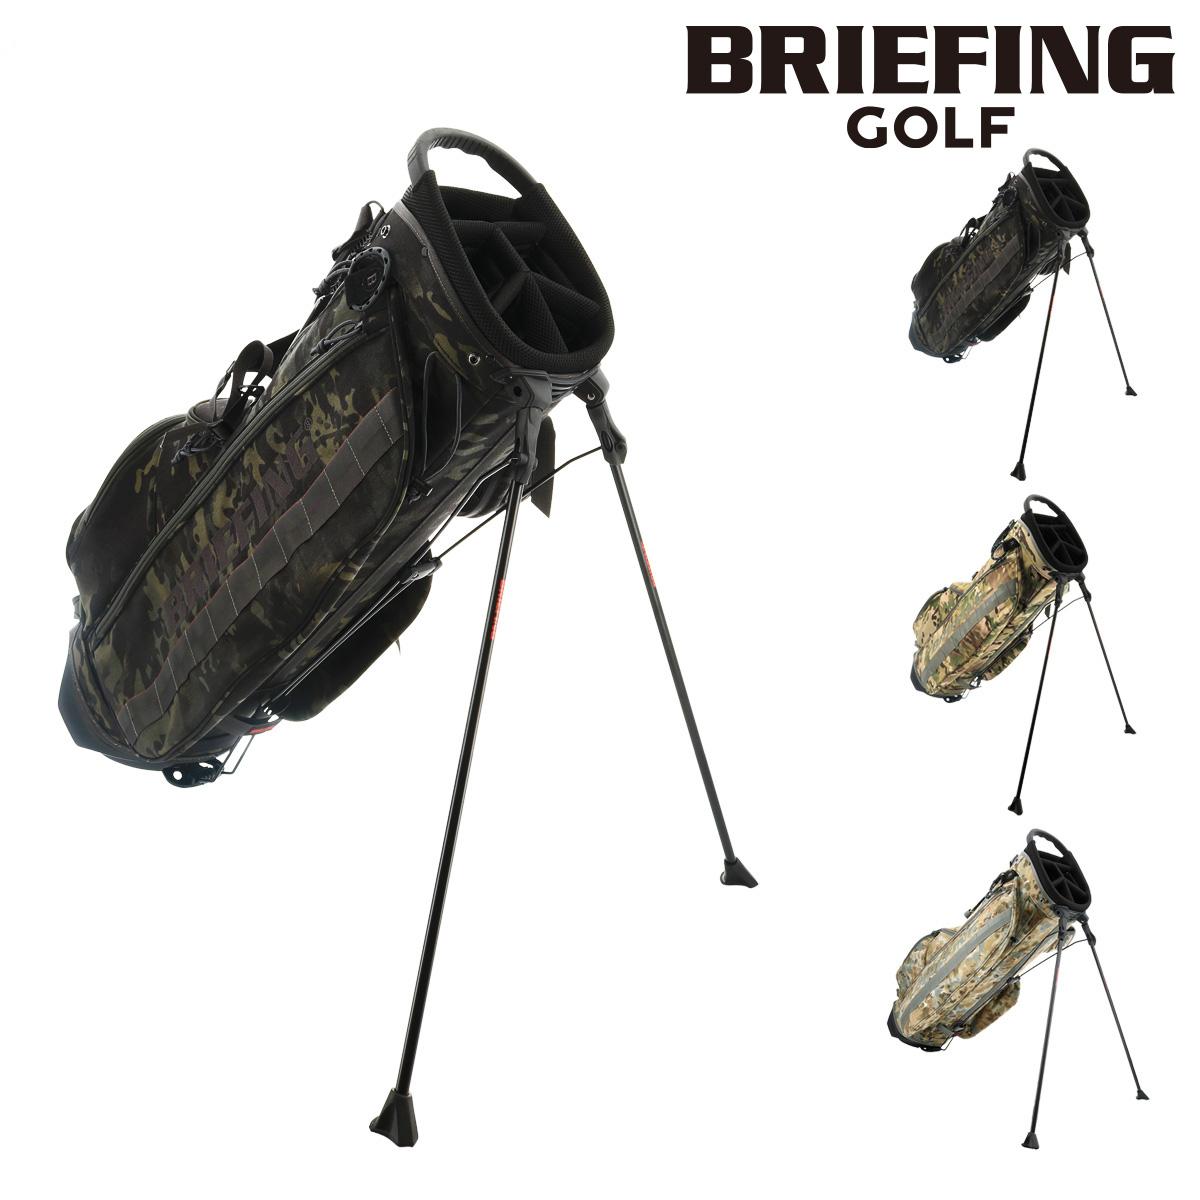 ブリーフィングバッグ キャディバッグ メンズ BRG191D02 BRIEFING | 撥水[PO10][即日発送]